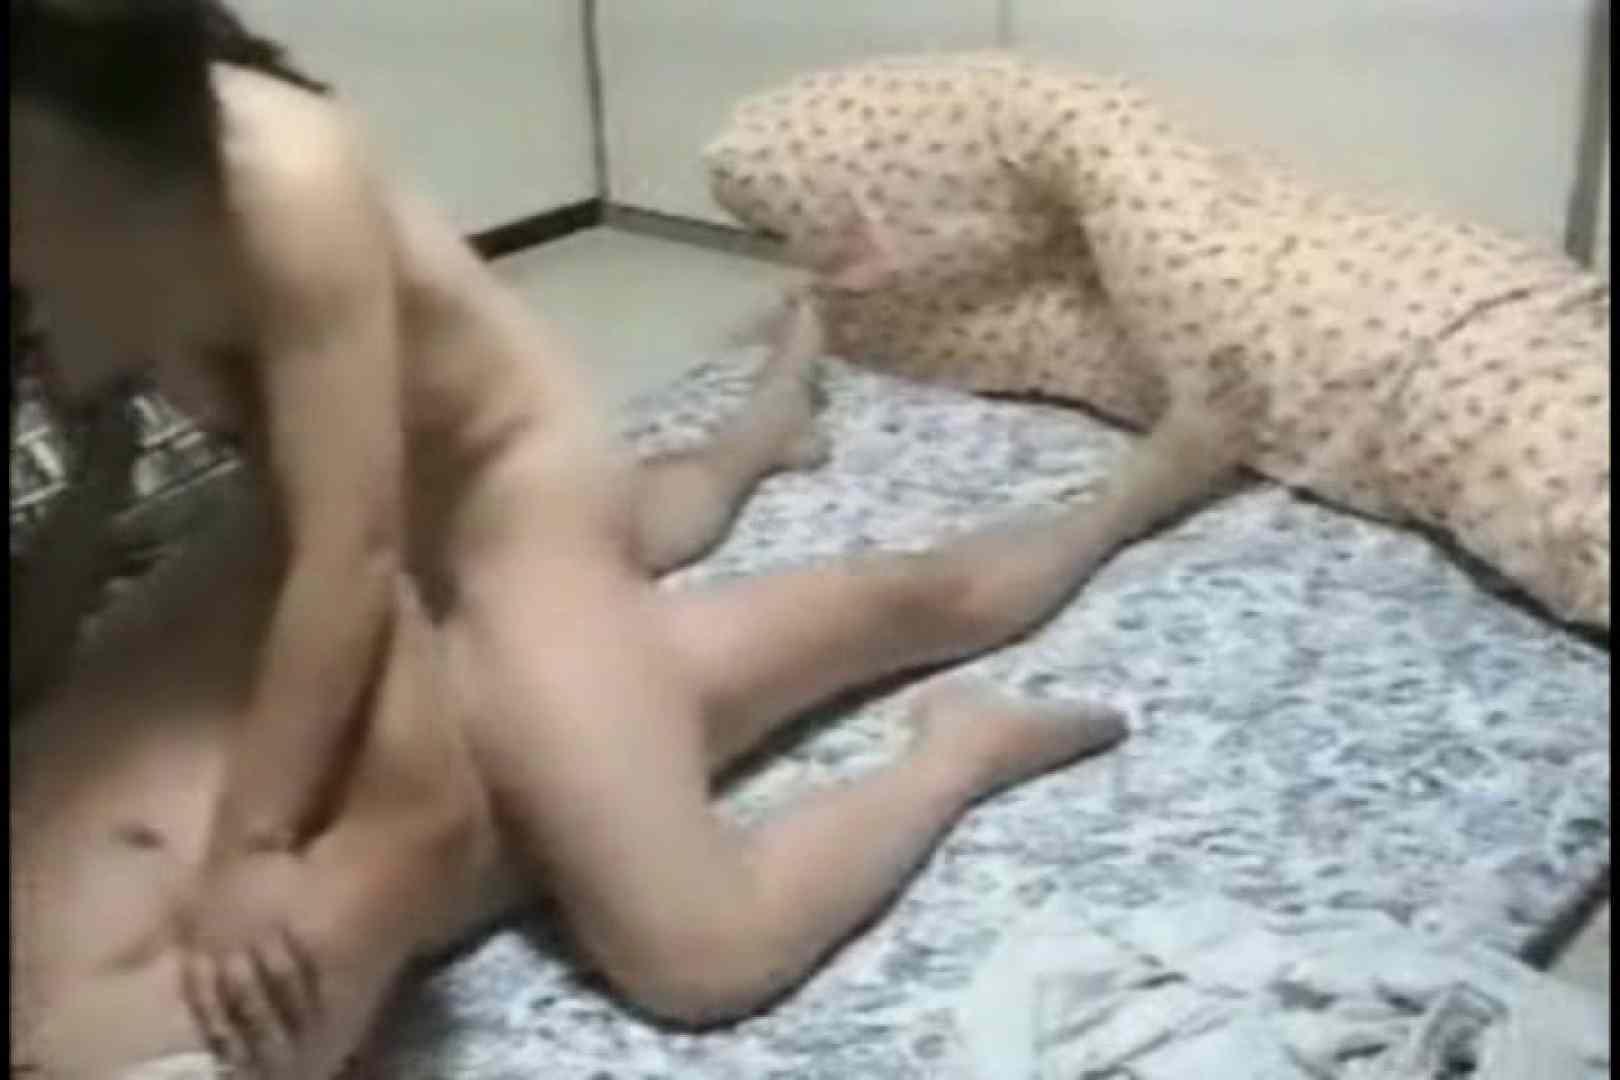 続・某掲示板に投稿された素人女性たちvol.3 投稿 アダルト動画キャプチャ 100pic 31